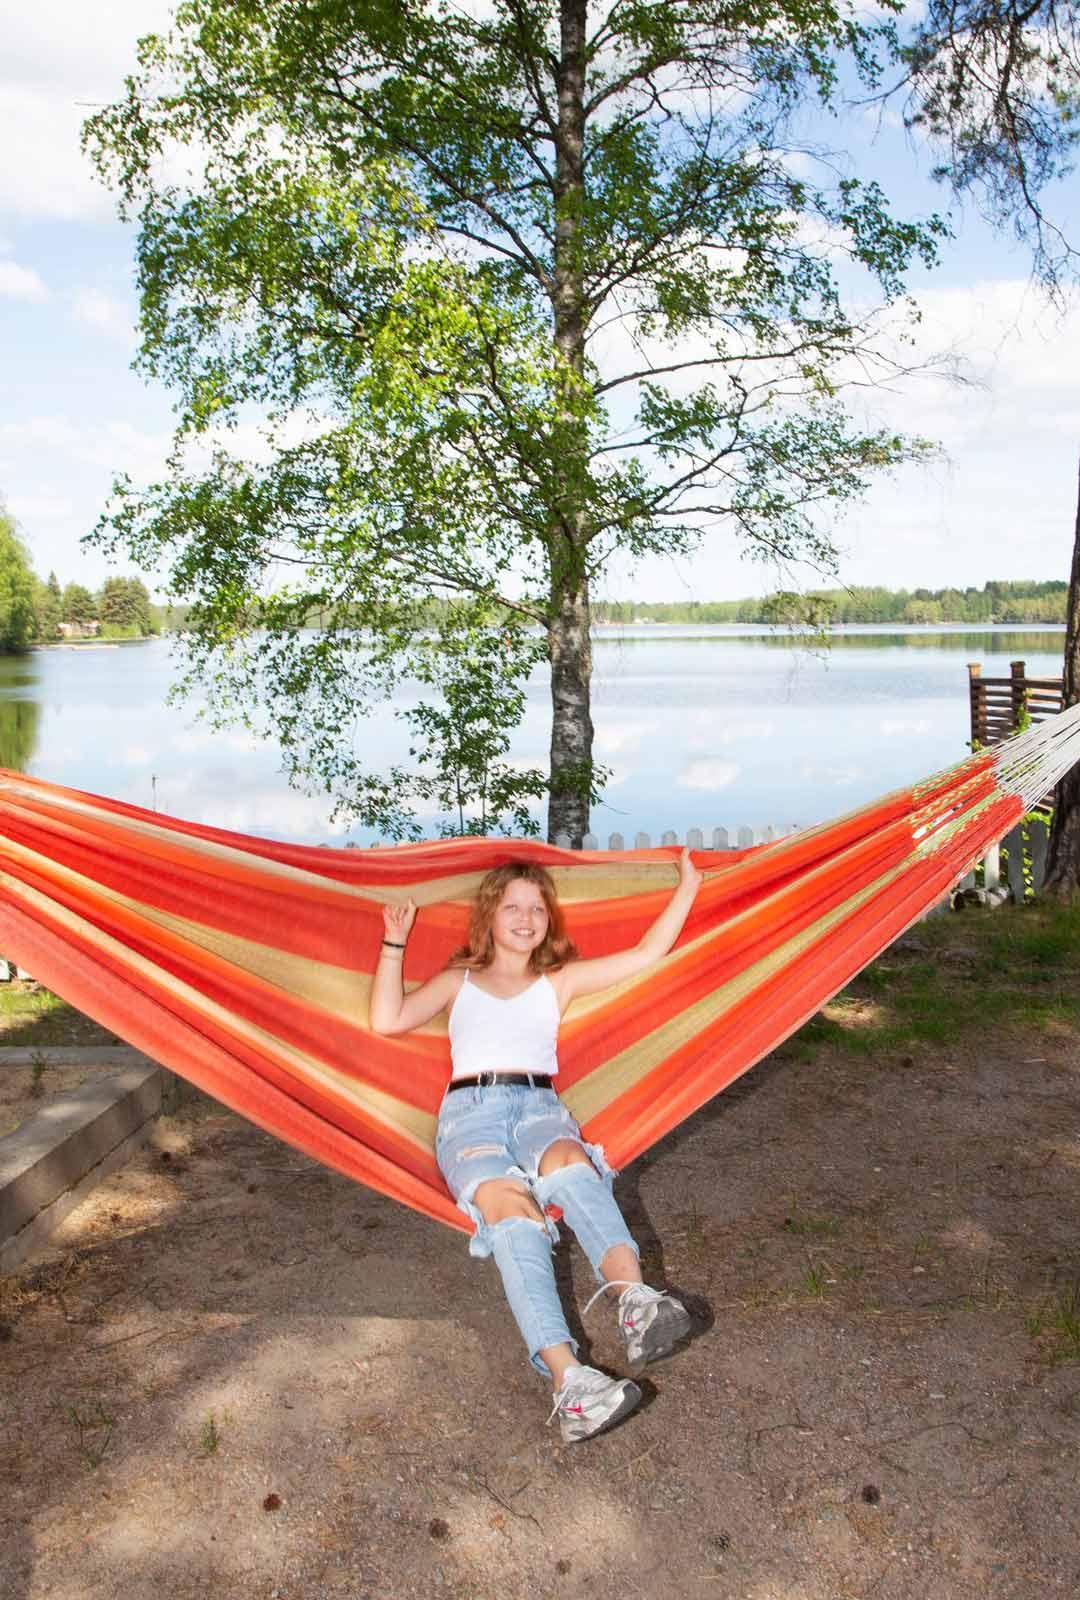 Mäntyharjulainen Iina Maczulskij nautti kesäpäivästä ravintola Kurkiniemen kesäterassin riippumatossa.